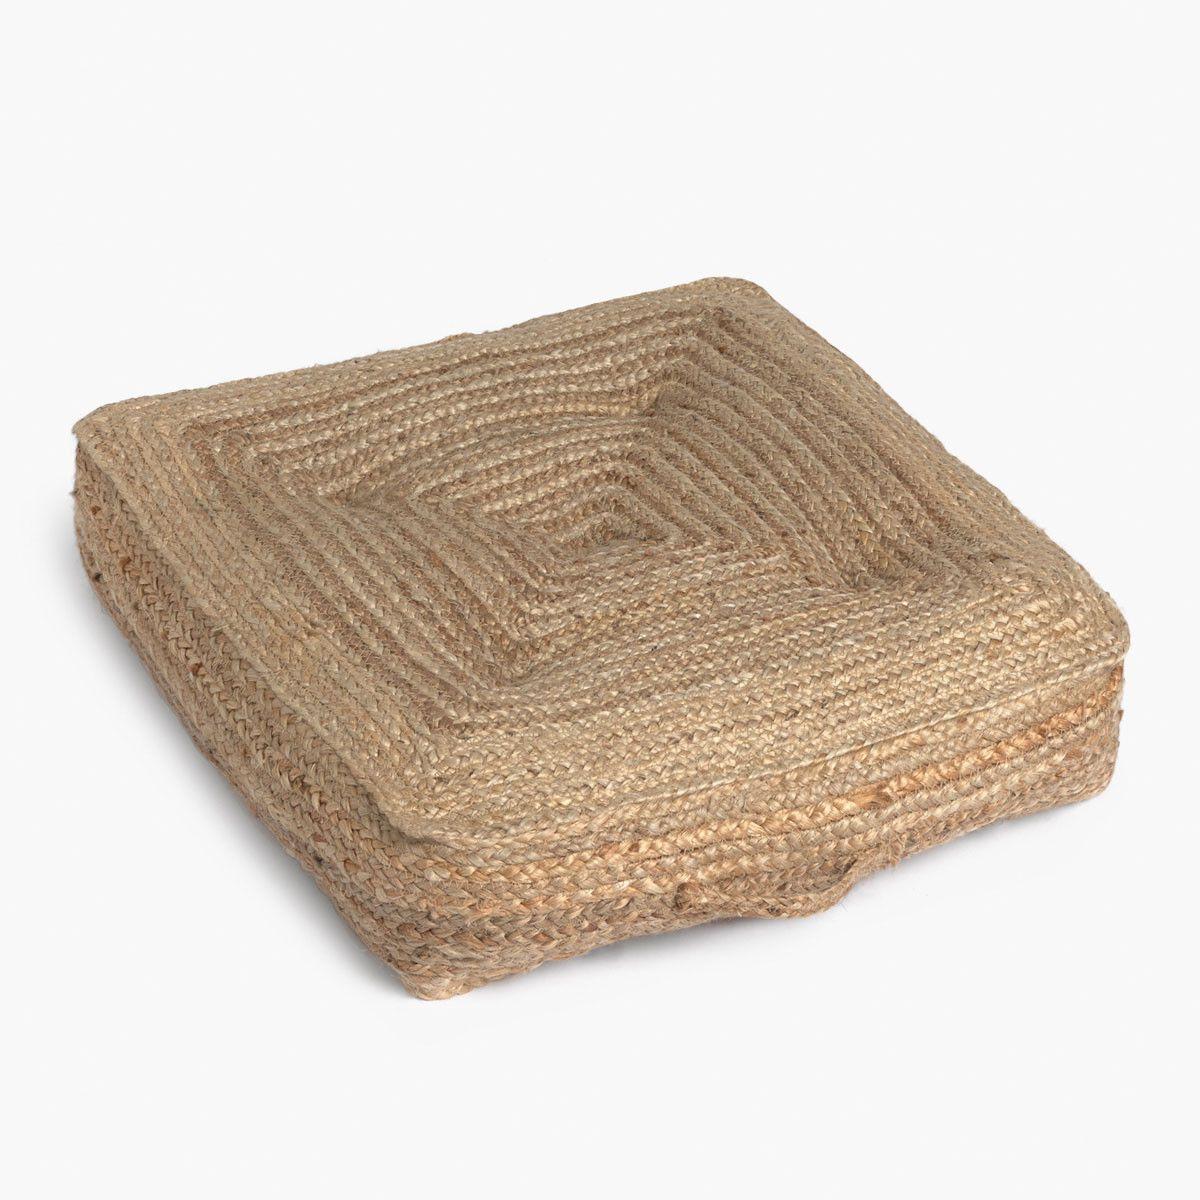 Exclusivo cojín de suelo acolchado. Ideal para colocar en el